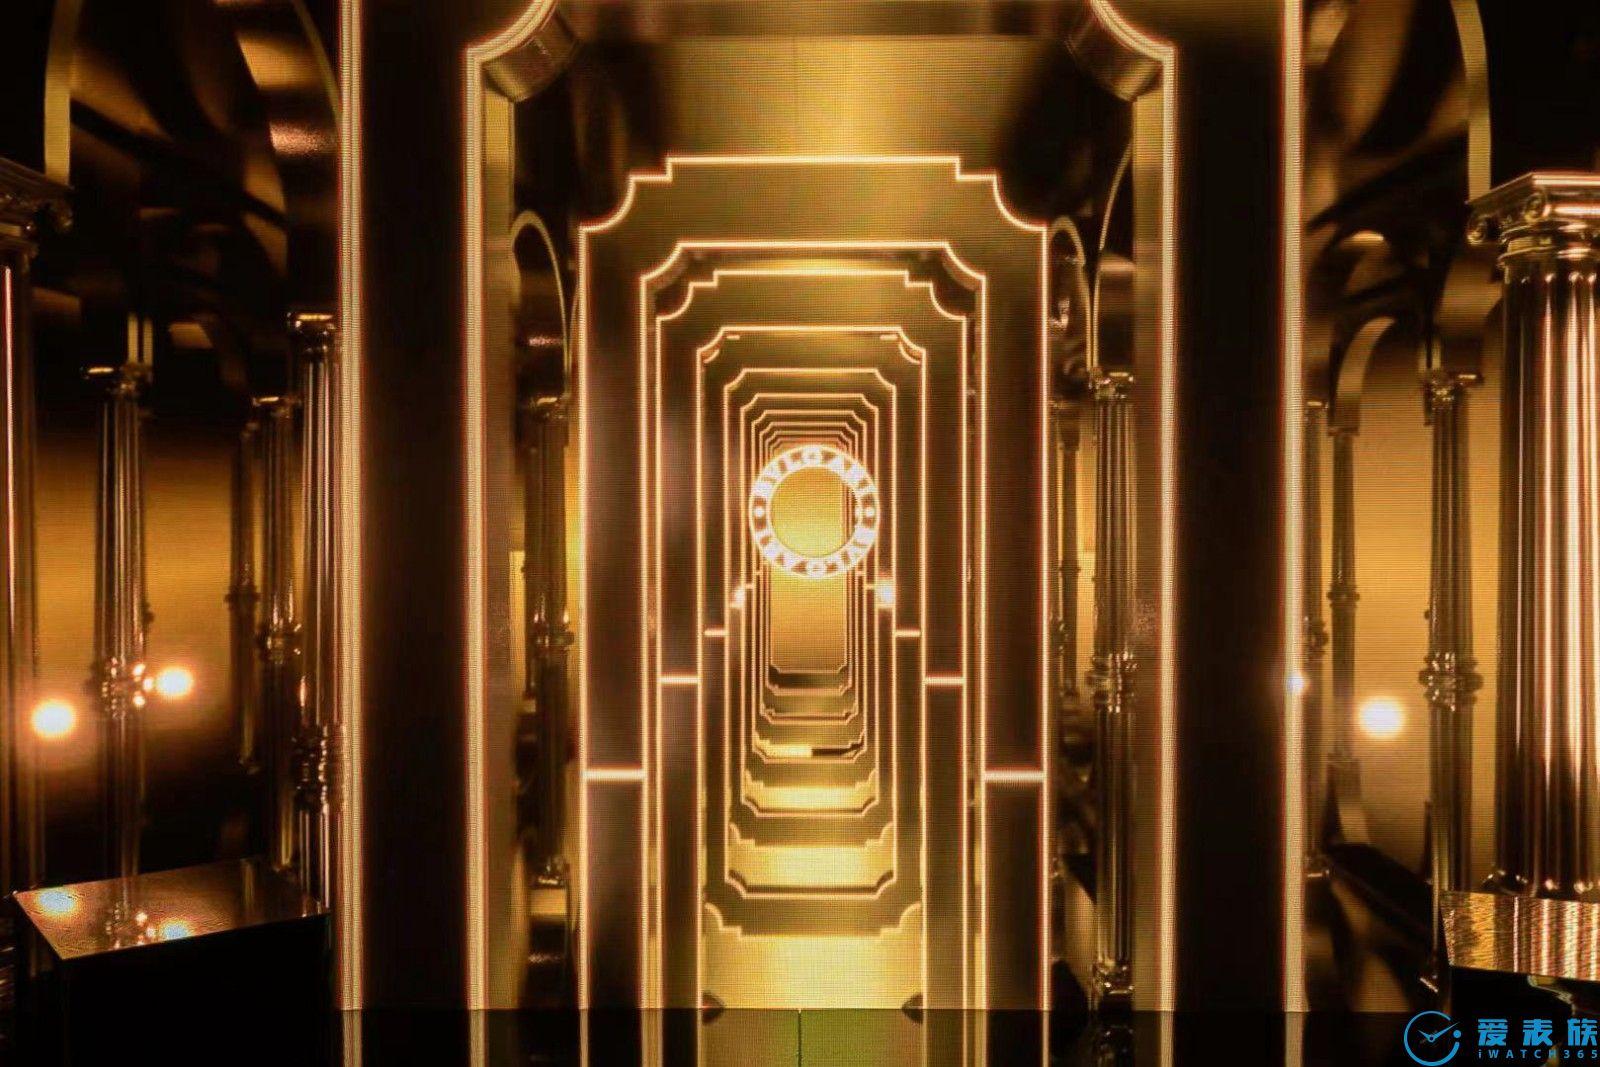 永恒之城 魅力盛放 BVLGARI宝格丽MAGNIFICA ROMA意游未尽巡展 于上海耀目开启